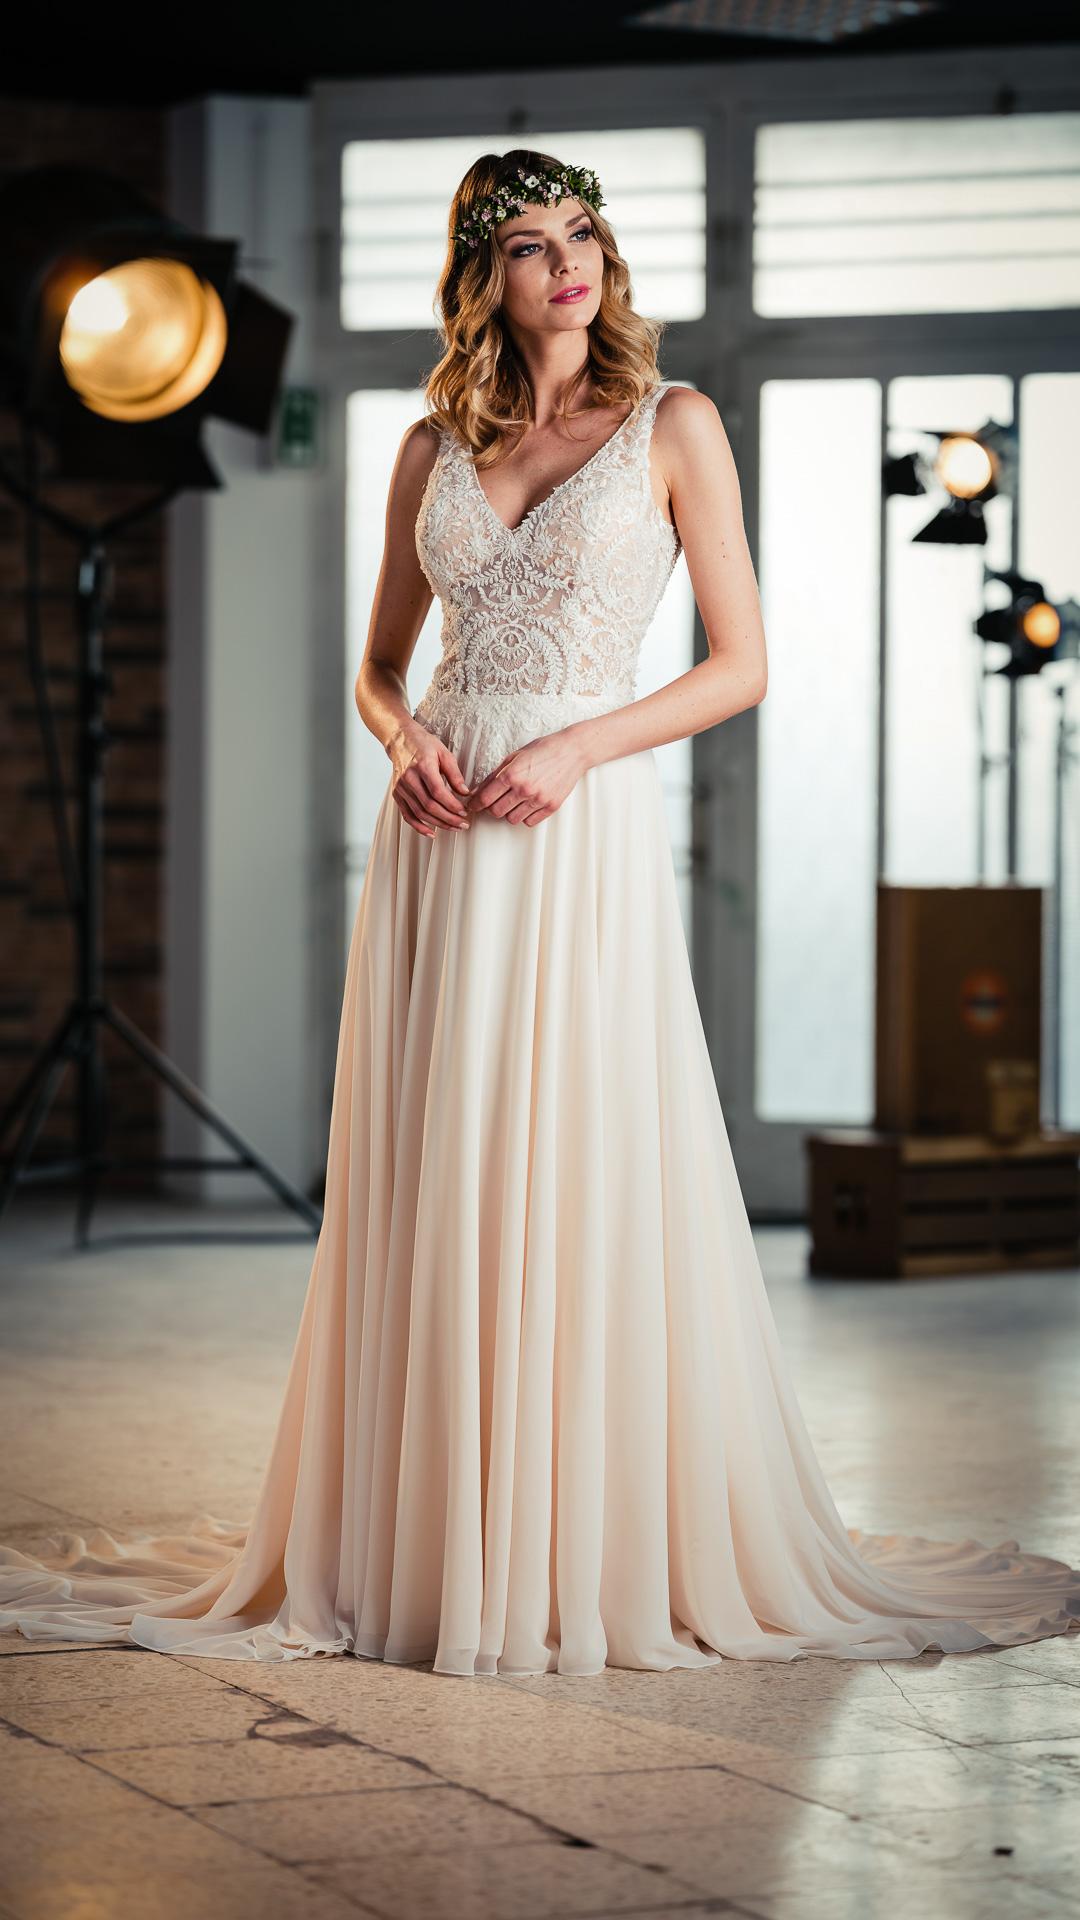 Kollektion 2021 Brautkleid 6499 von DMY